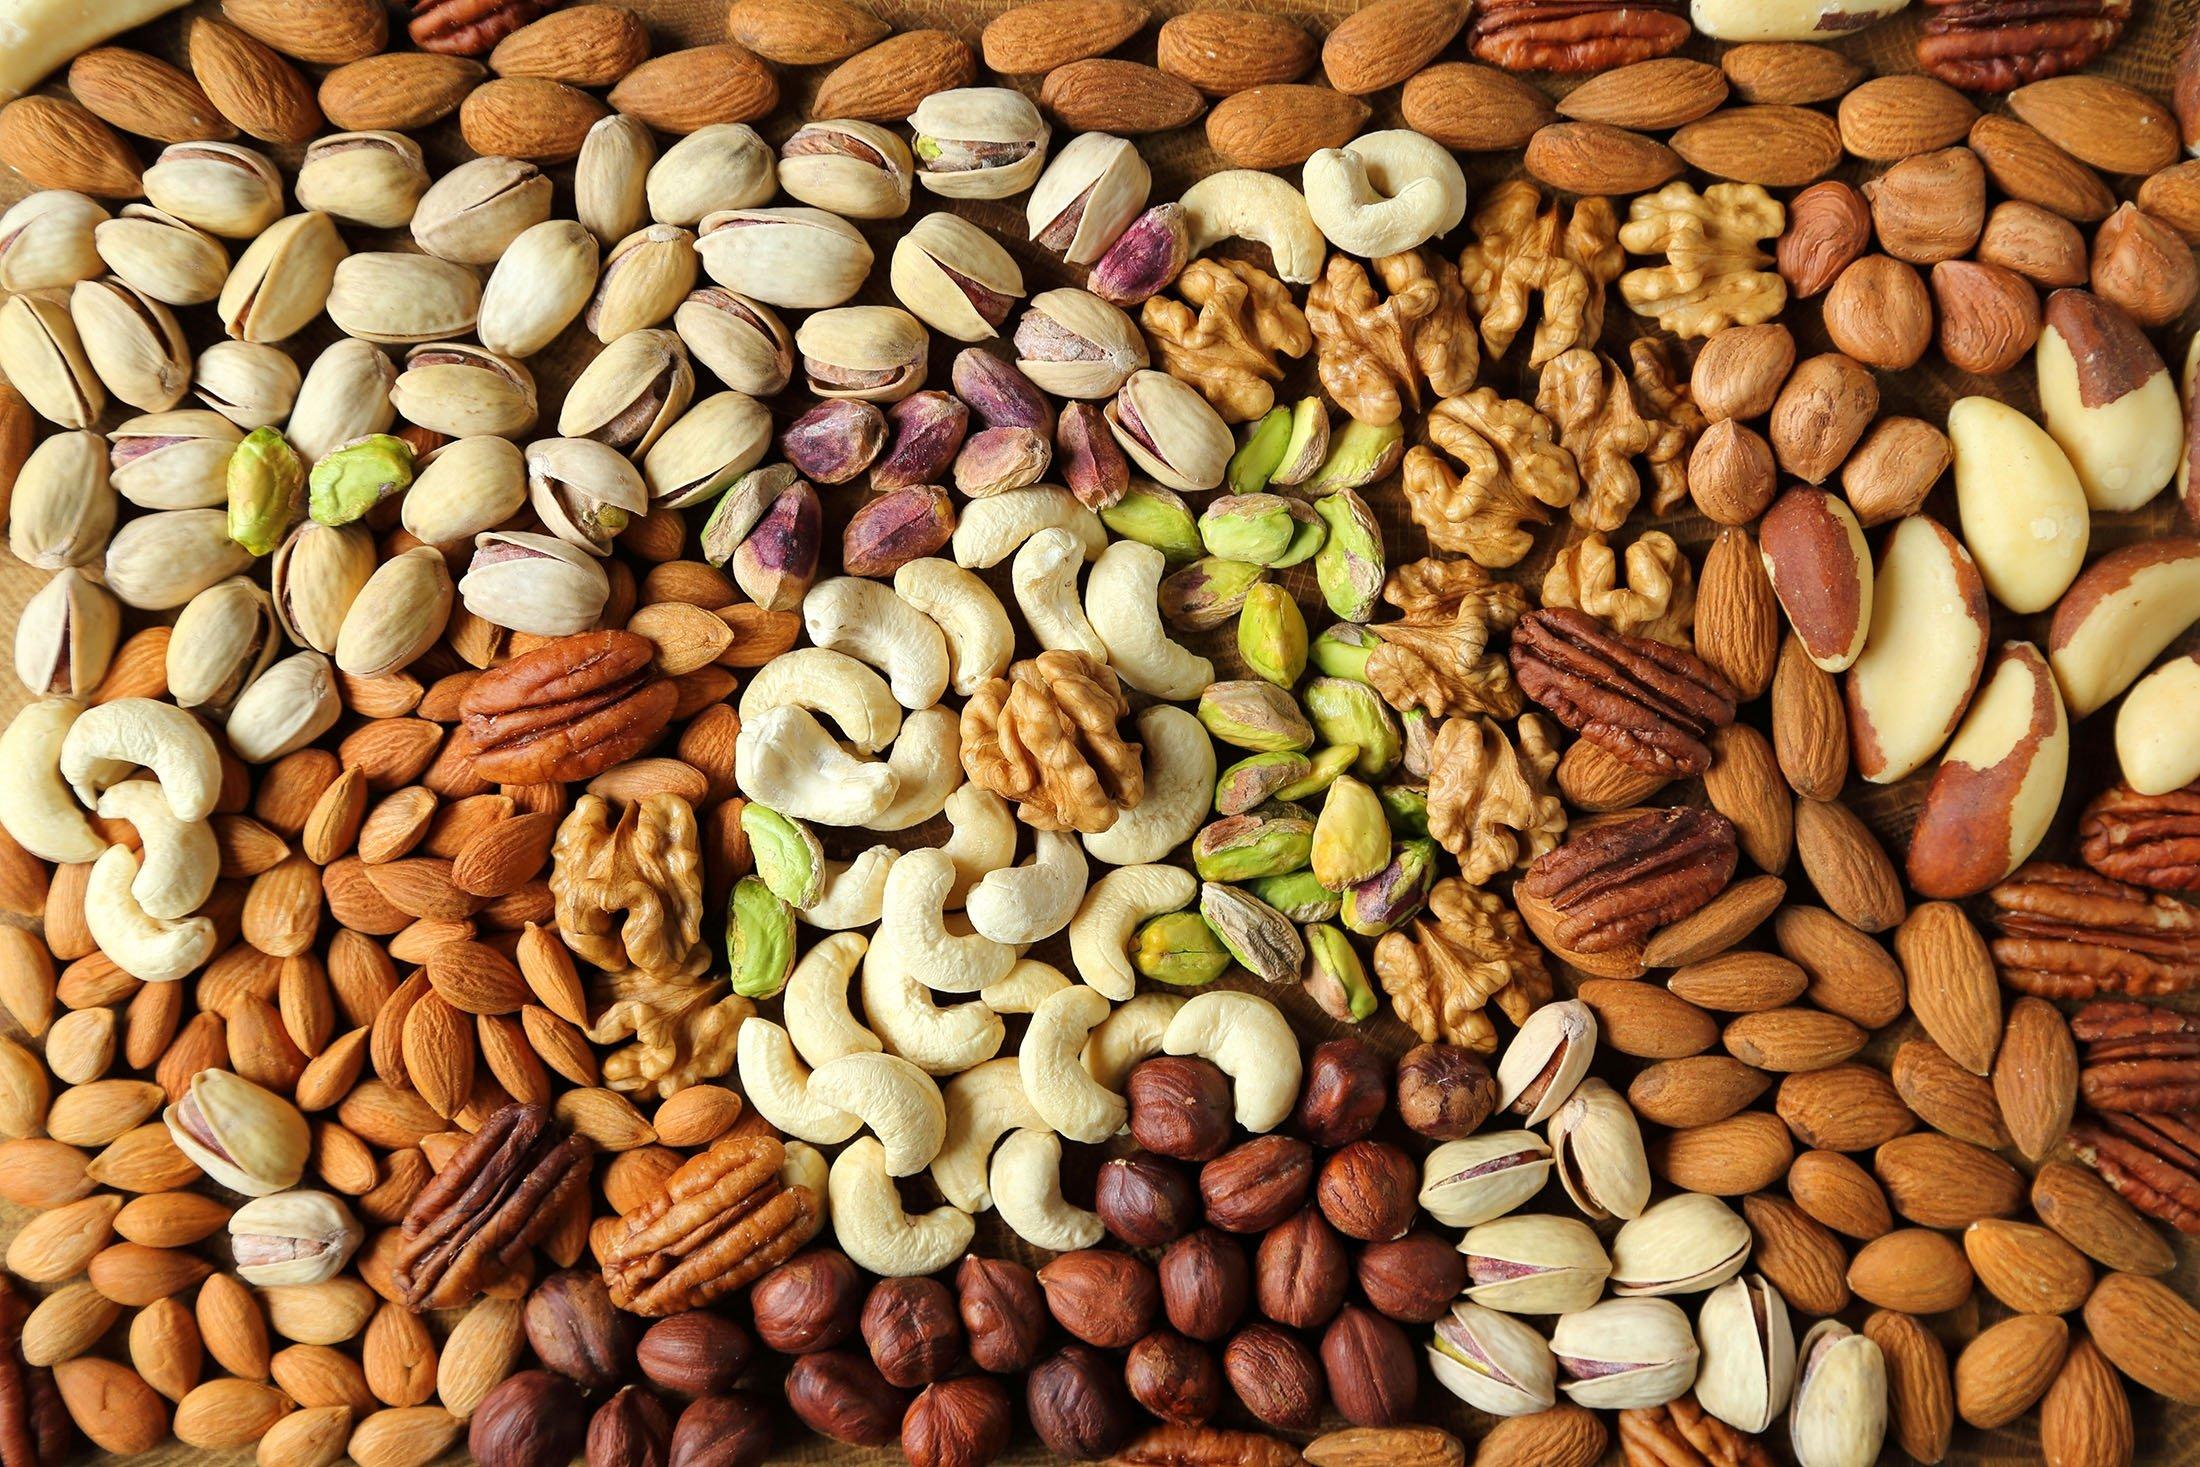 Kuruyemişler, zihinsel performansı artırmaya yardımcı olan E vitamini ve sağlıklı yağlar içerir. (Shutterstock Fotoğrafı)